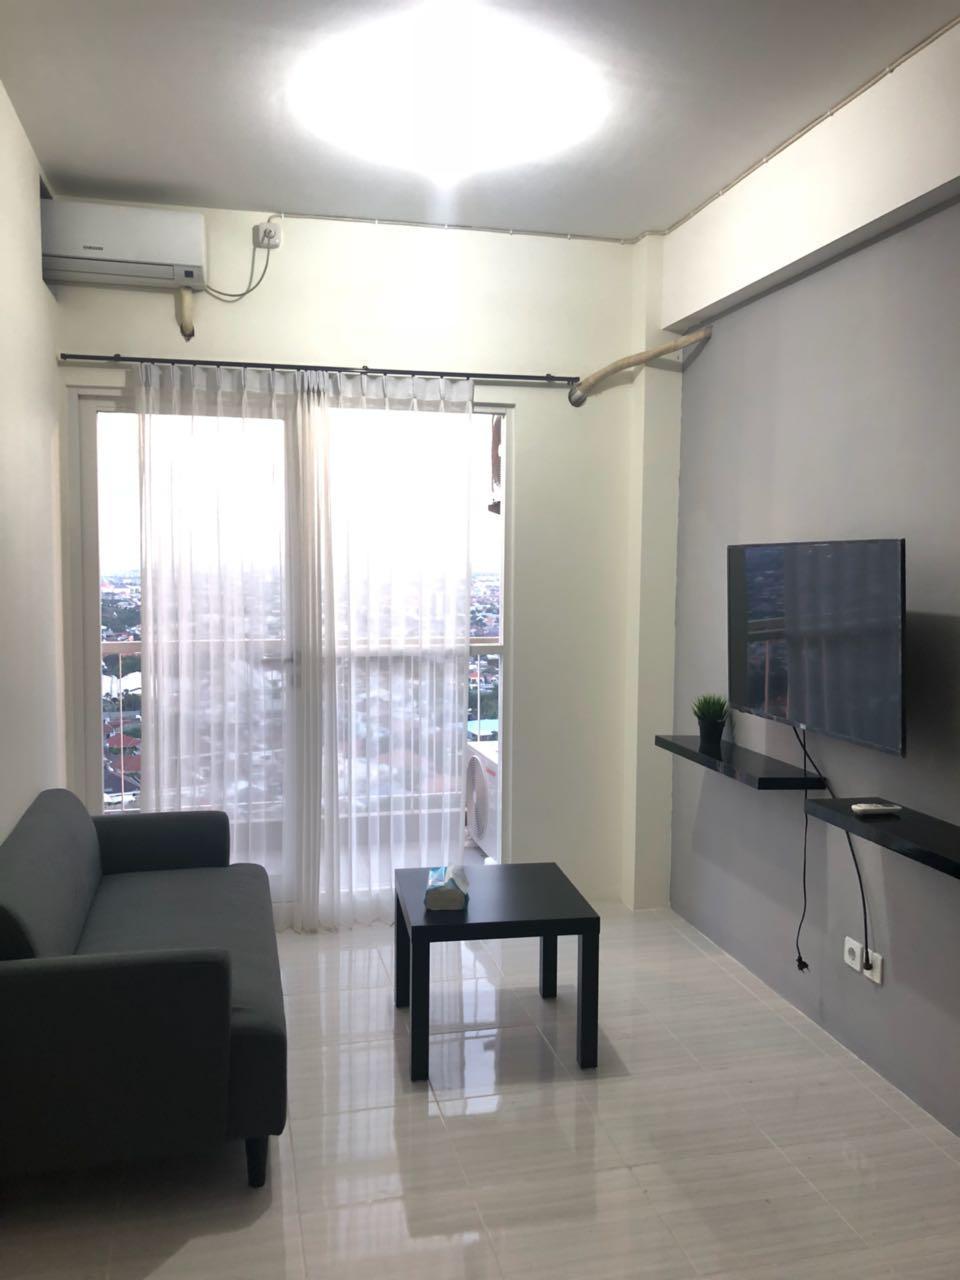 Price 2 cozy bedroom apartemen merr for rent